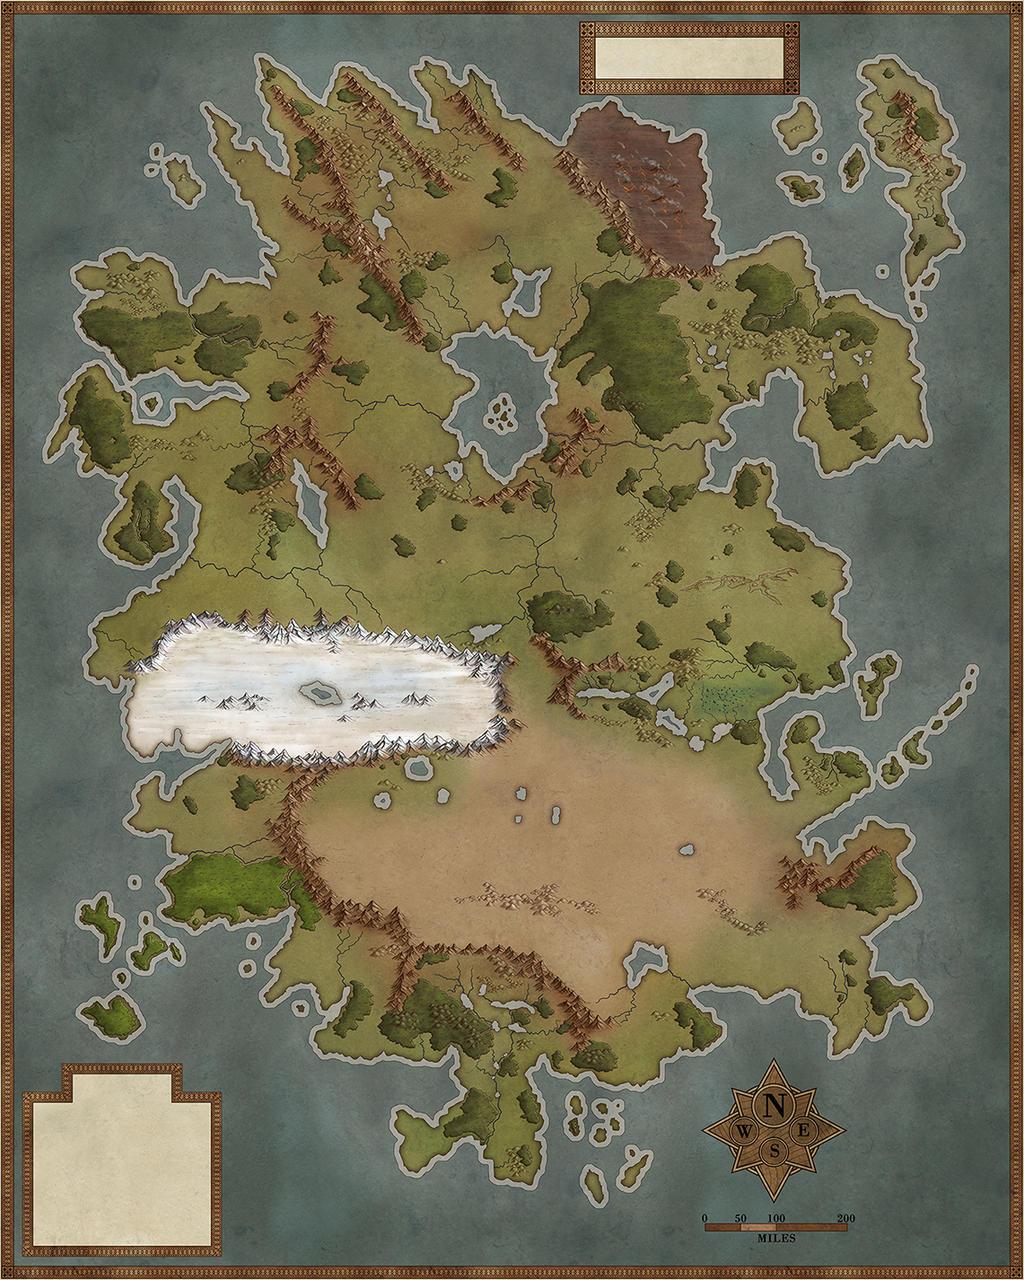 Sapiento's Cartography Area